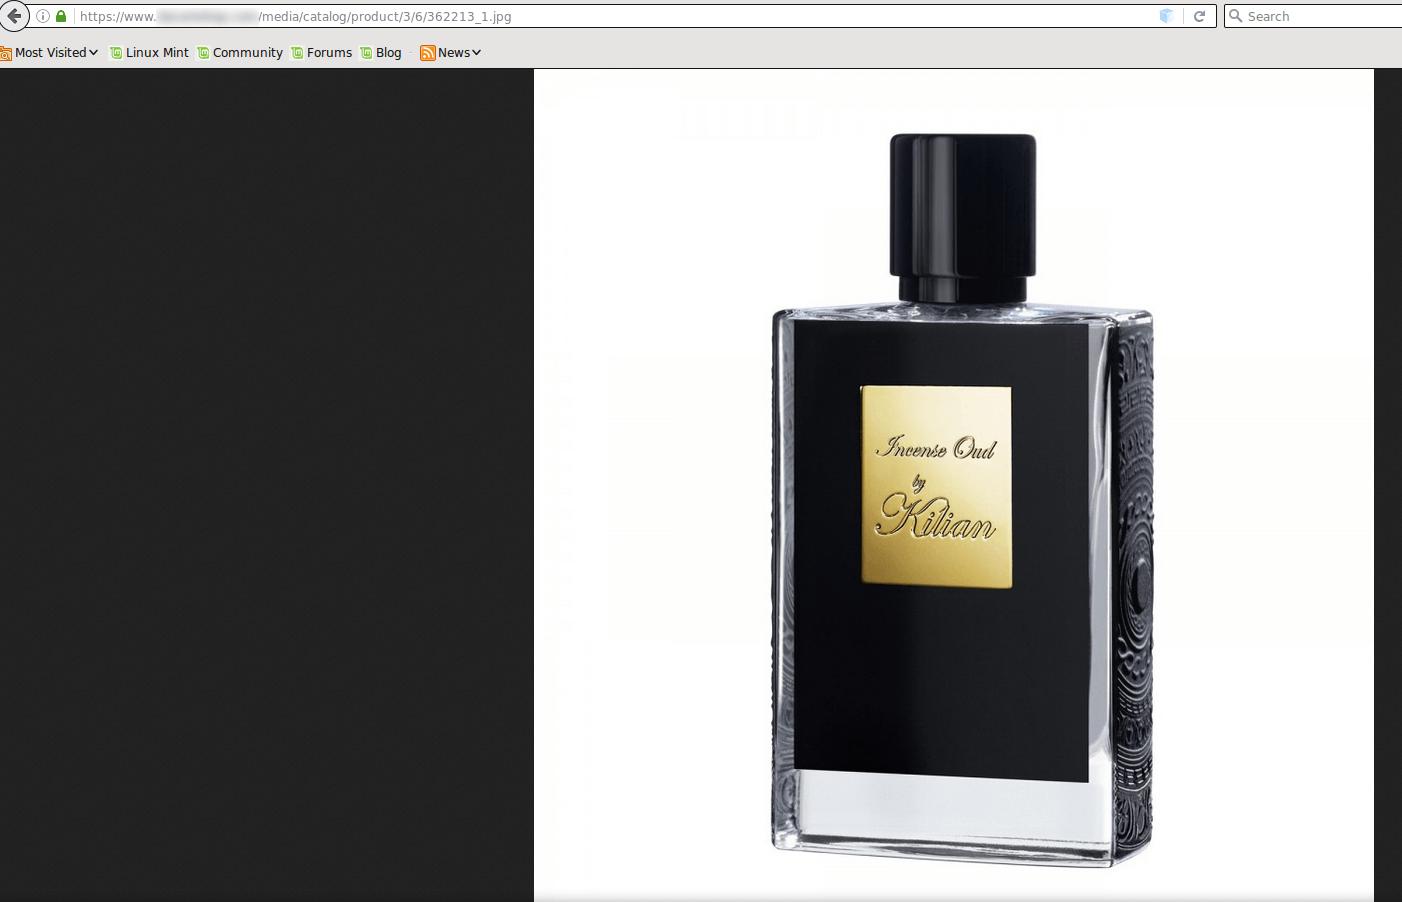 threatpost_sucuri_perfume